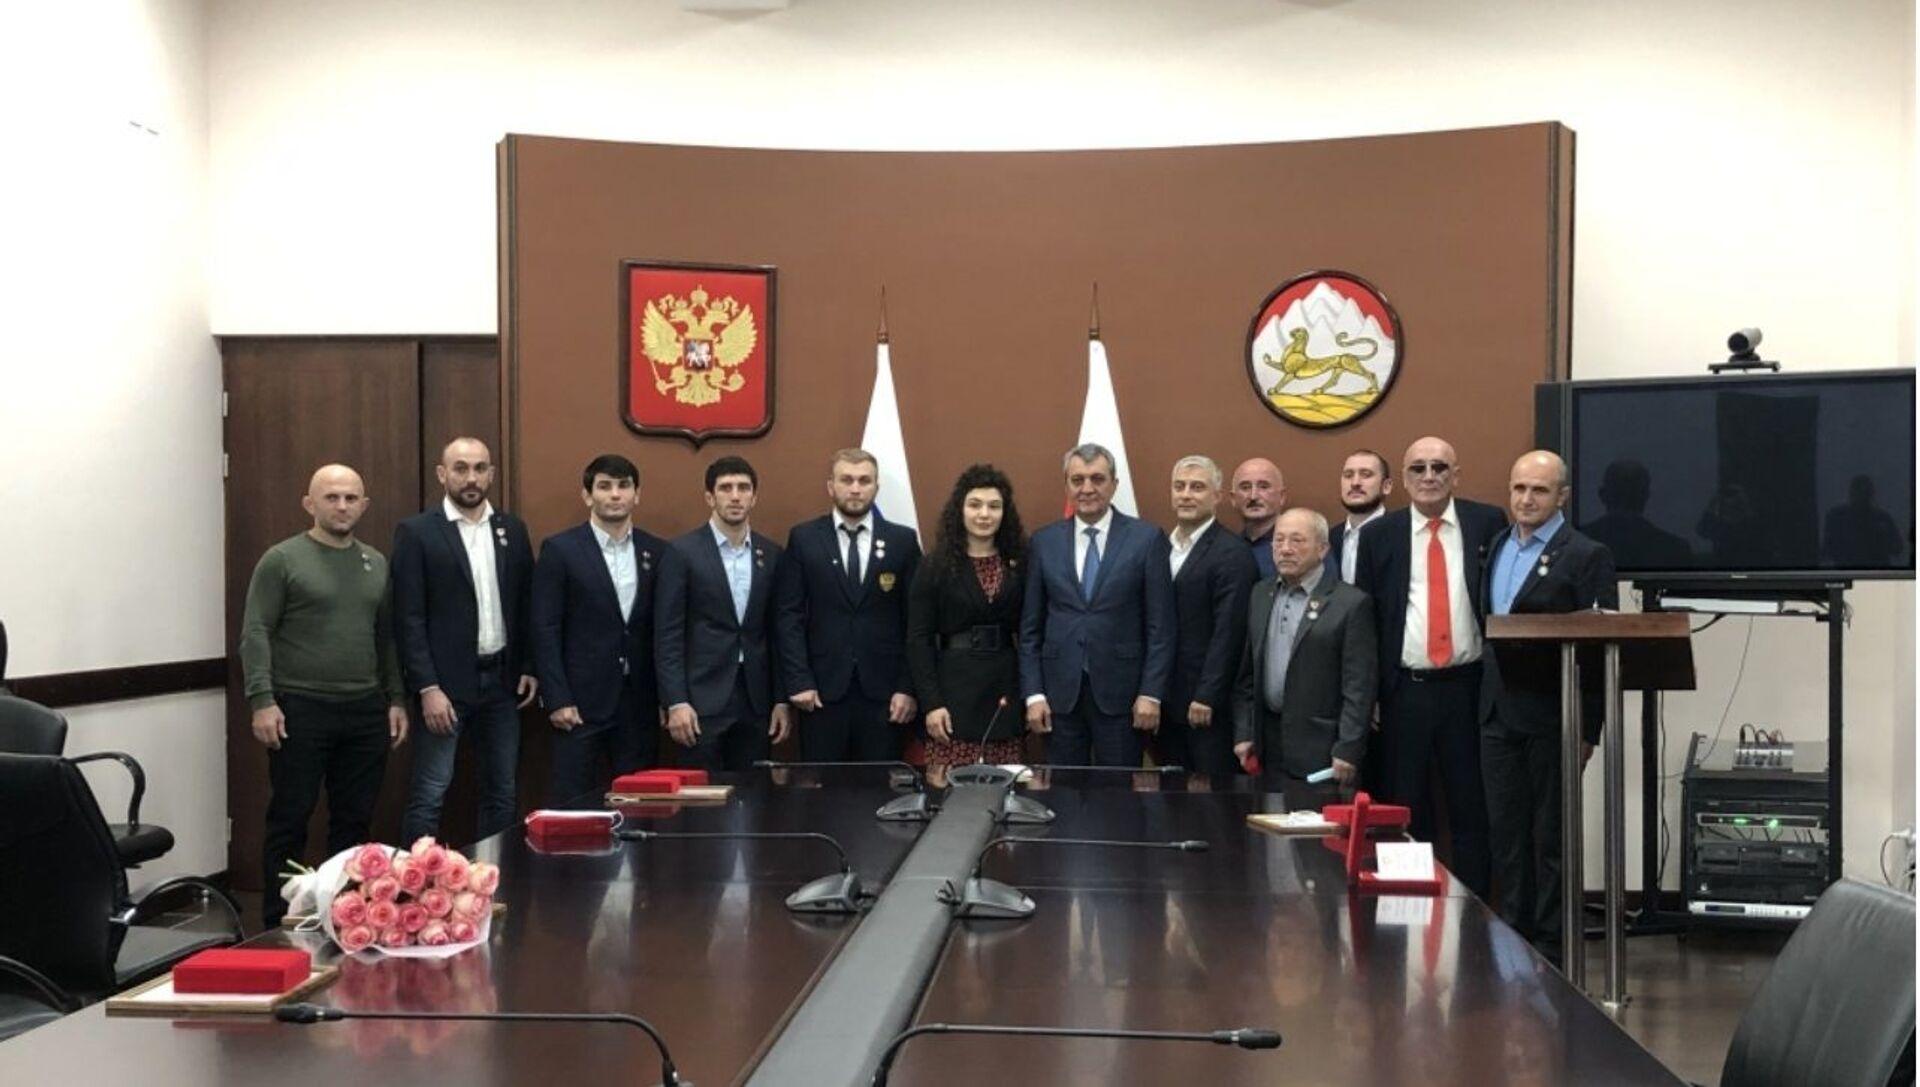 В Северной Осетии чествовали победителей и призеров Олимпийских и Паралимпийских игр в Токио - Sputnik Южная Осетия, 1920, 09.10.2021